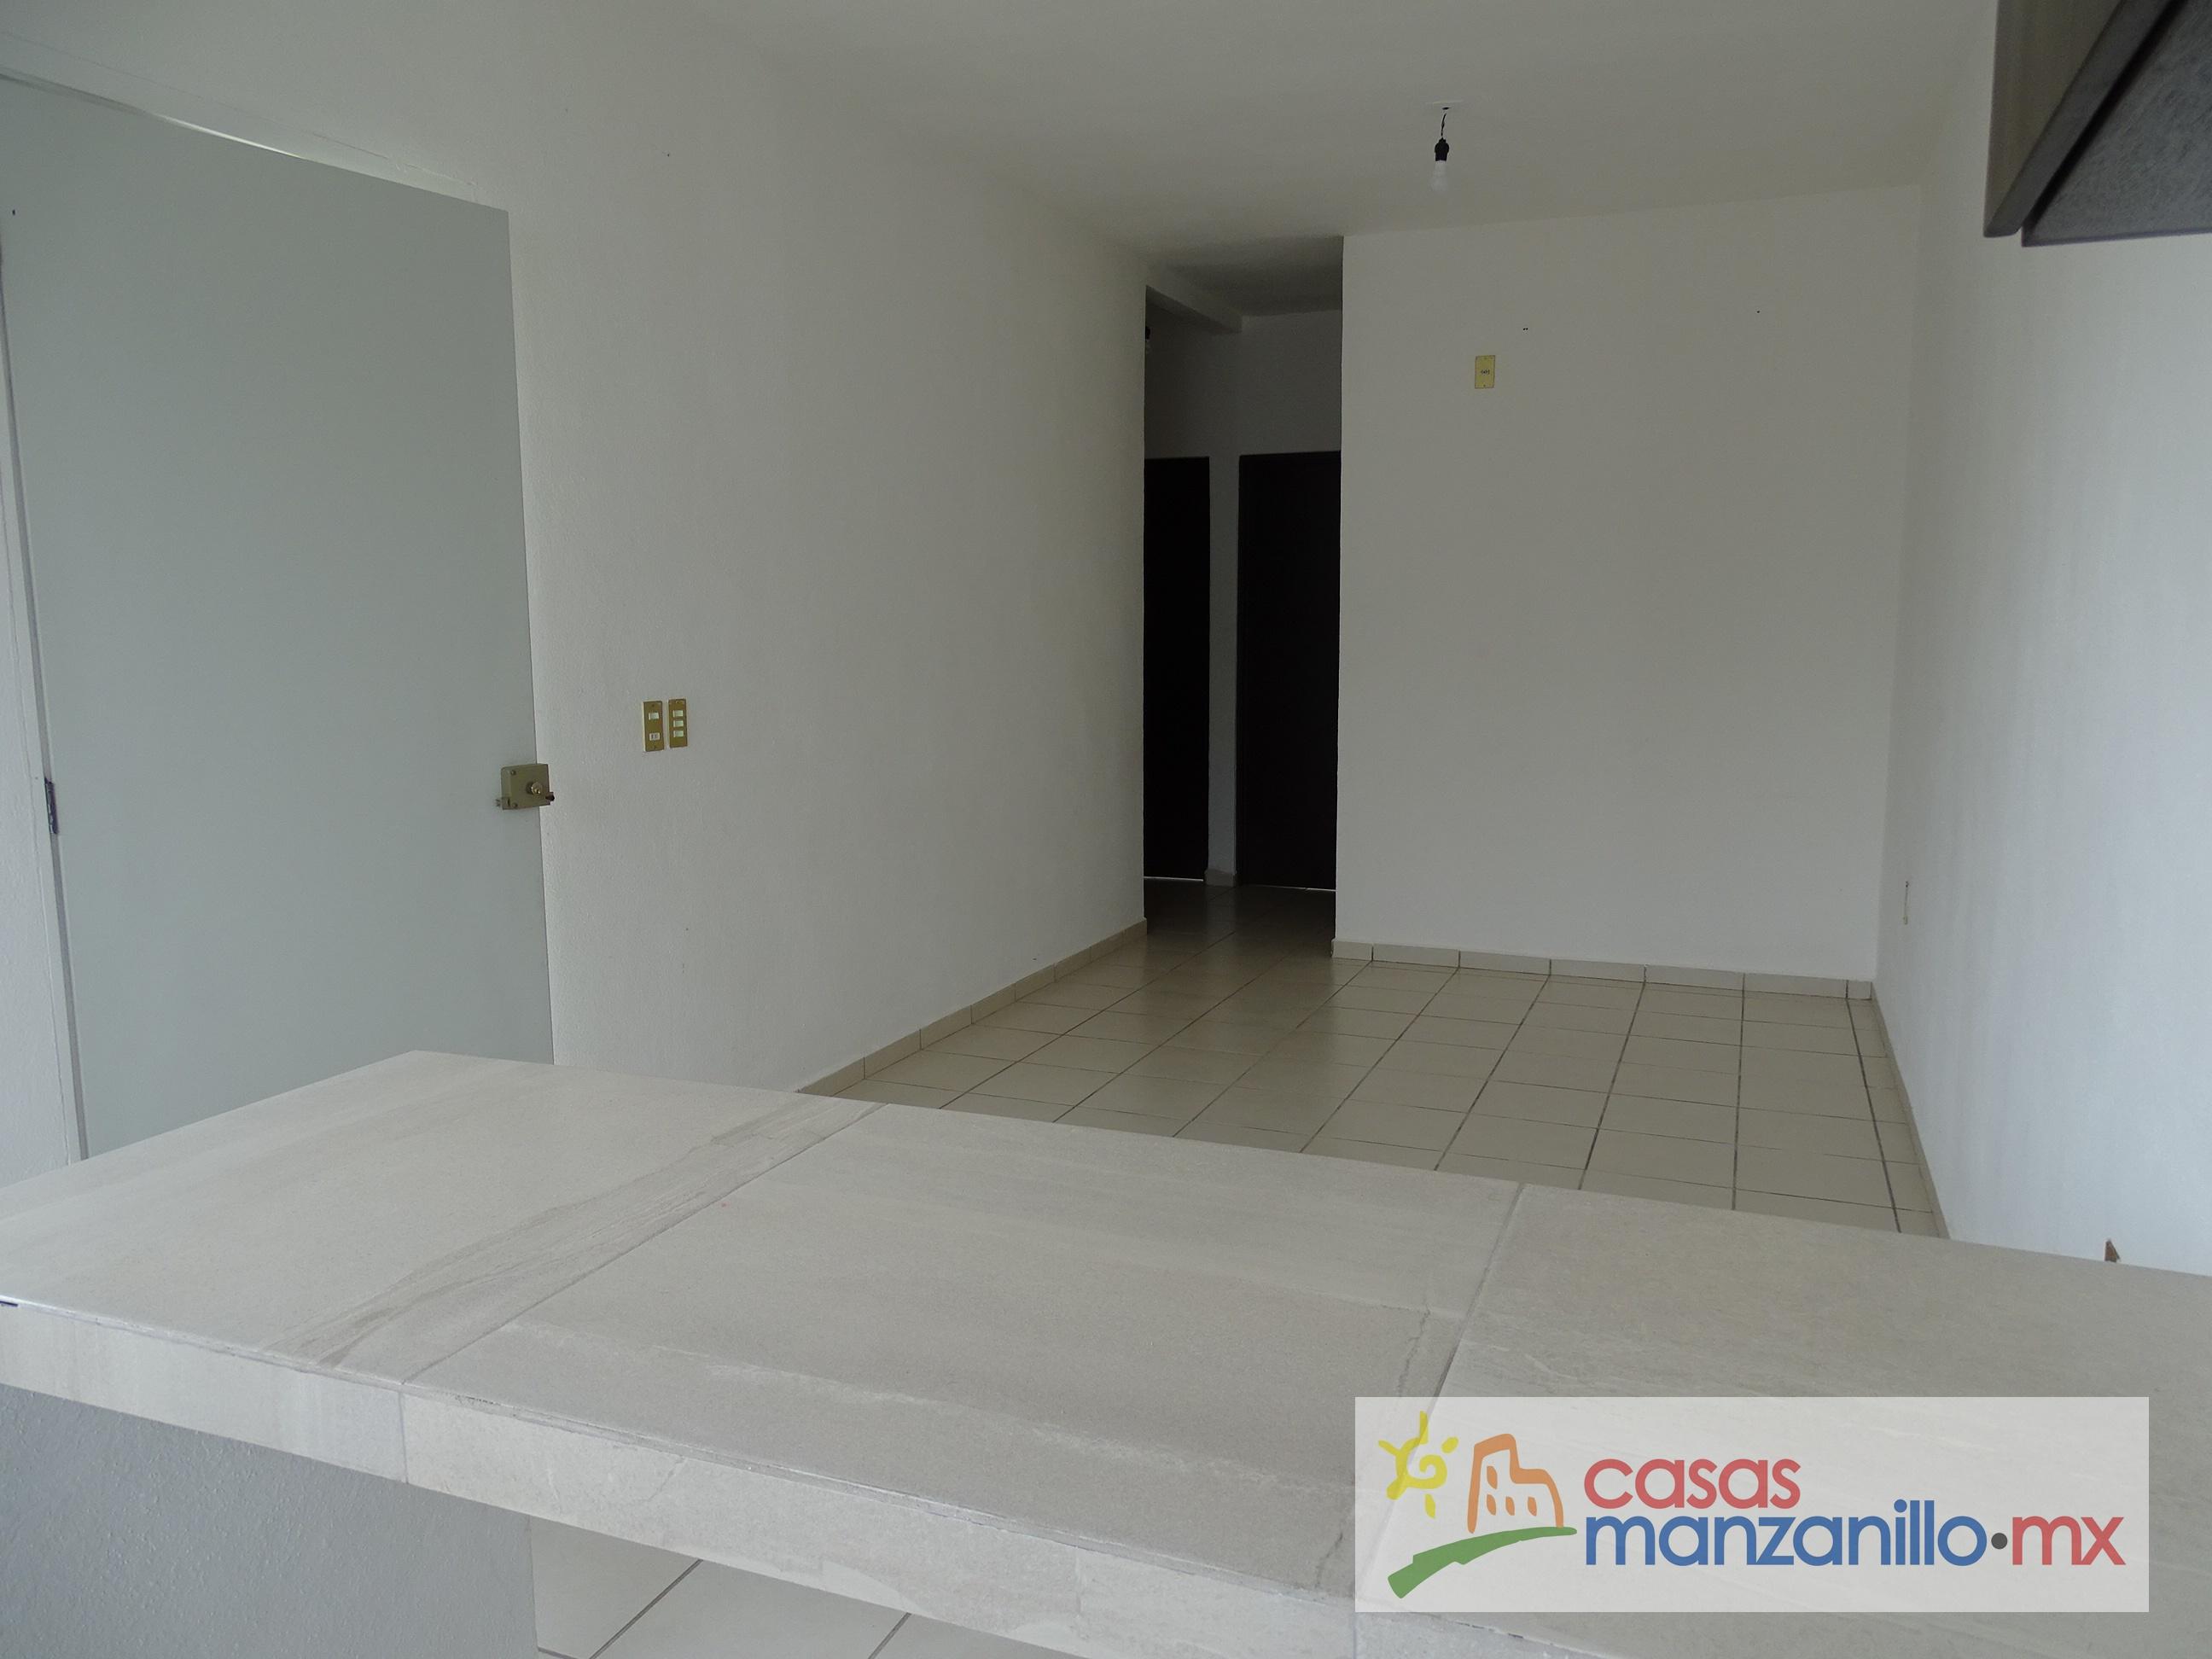 Casas Venta Manzanillo - Las Perlas (11)